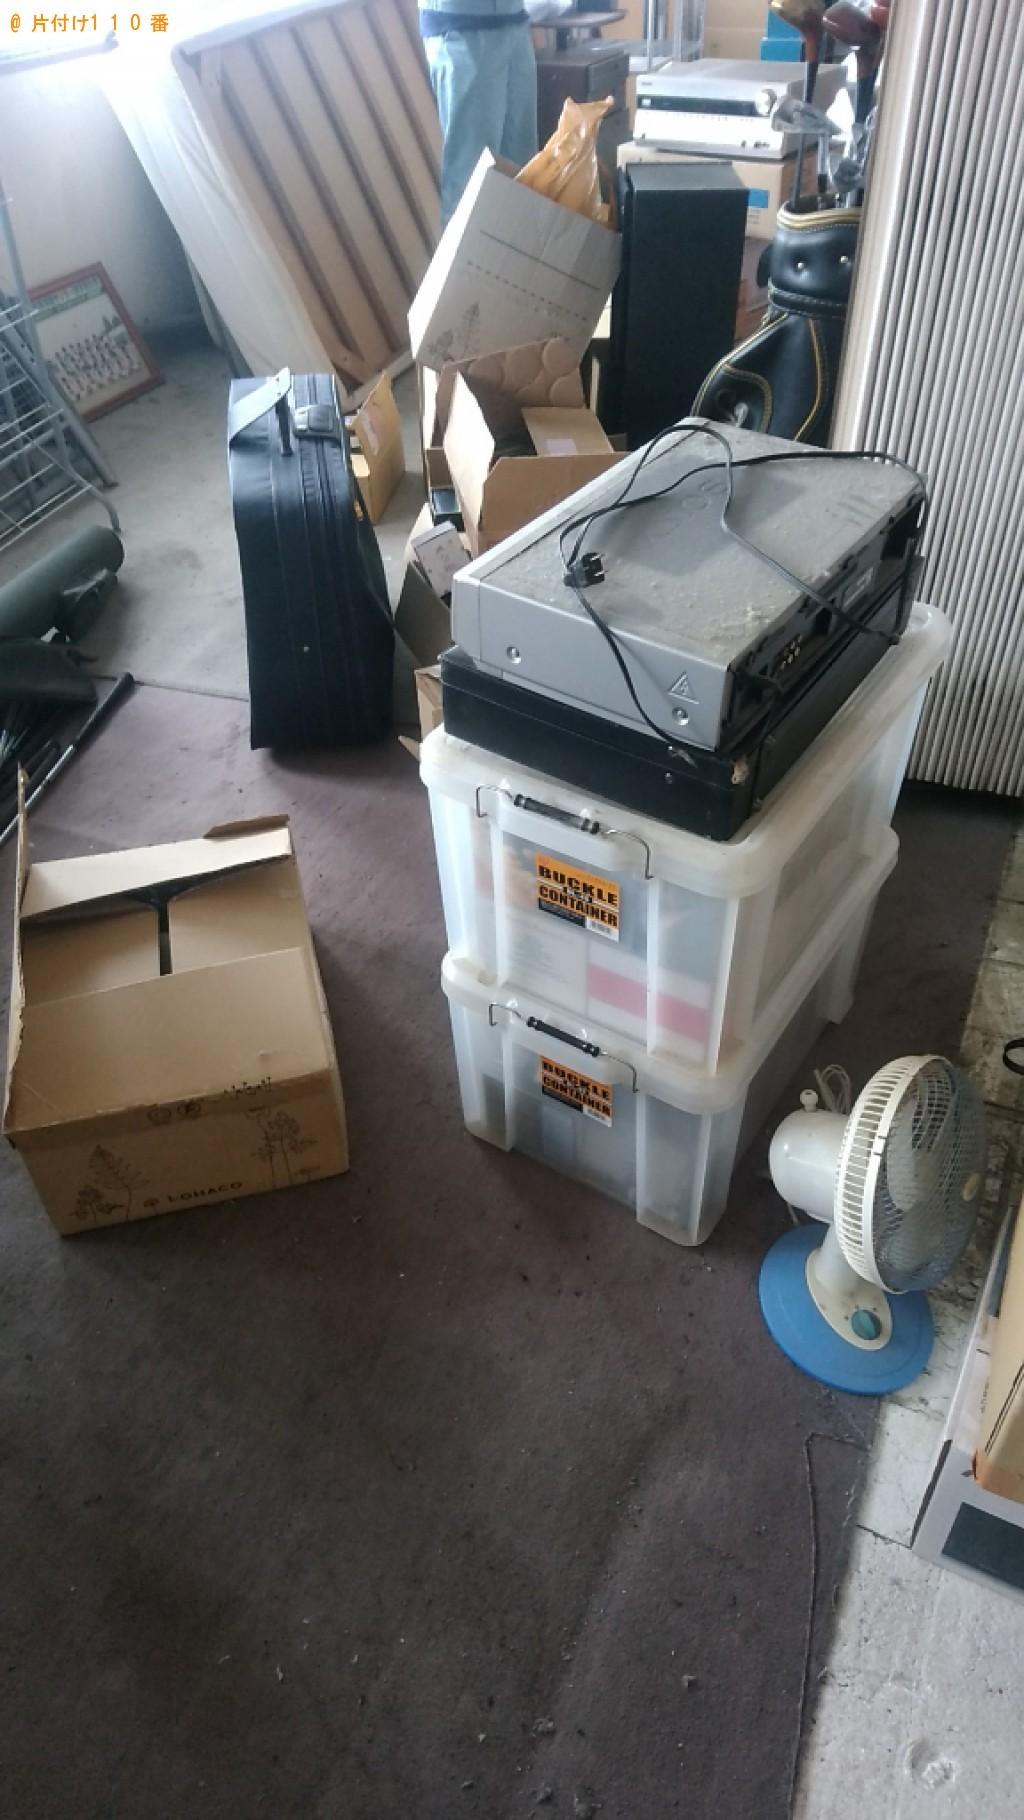 【京都市伏見区】冷蔵庫、折り畳みベッド、一般ごみ等の回収・処分